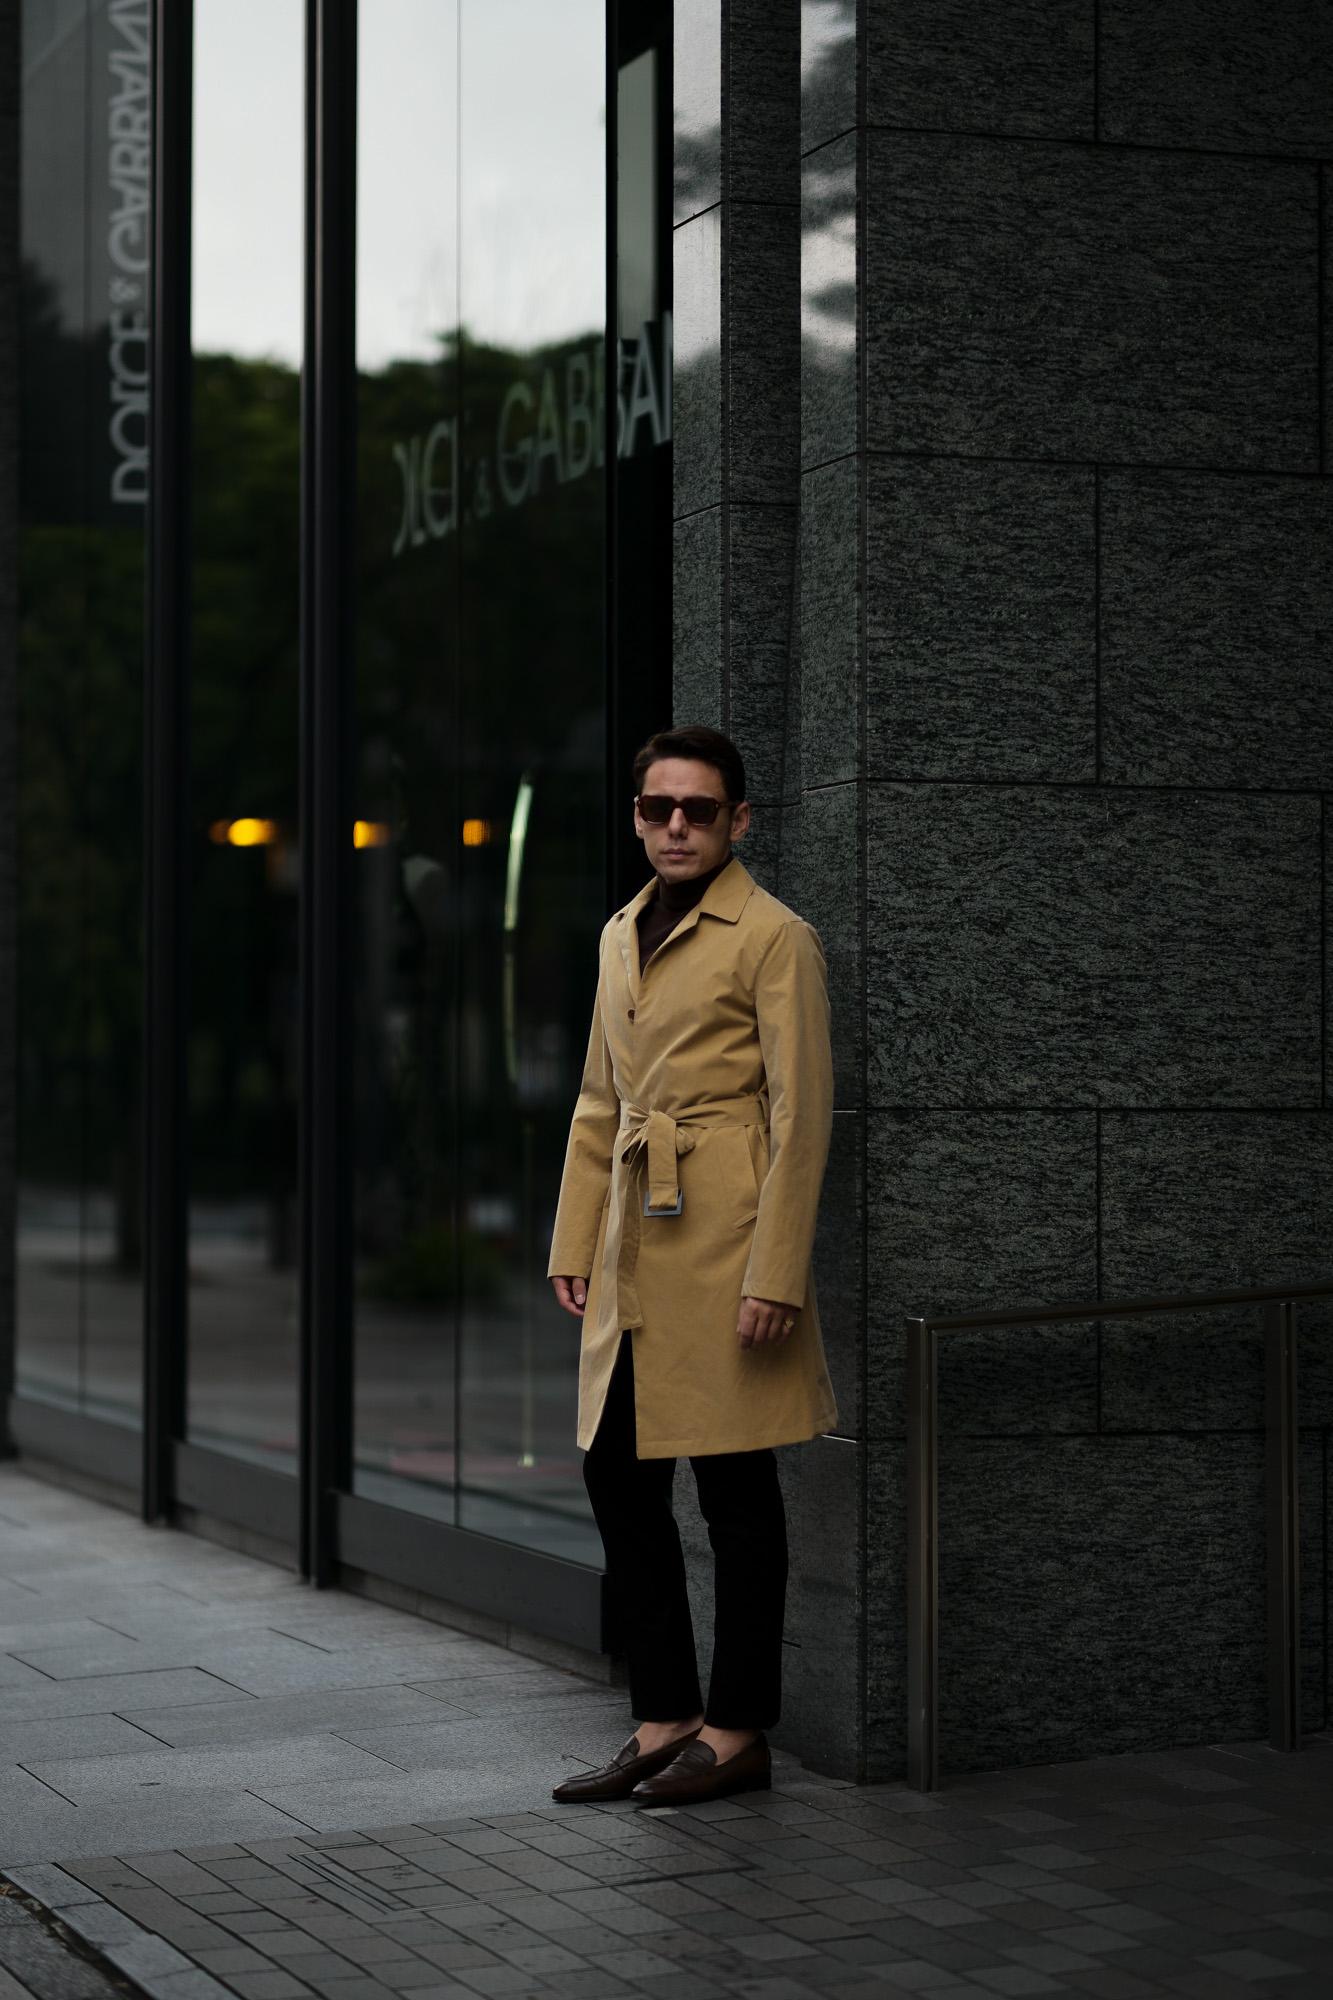 LUCA GRASSIA (ルカ グラシア) Belted coat (ベルテッド コート) カシミアフラノ カシミア バルカラー ベルテッド コート BLACK (ブラック)  Made in italy (イタリア製) 2020 秋冬 【ご予約受付中】愛知 名古屋 altoediritto アルトエデリット lucagrassia カシミヤコート カシミアコート